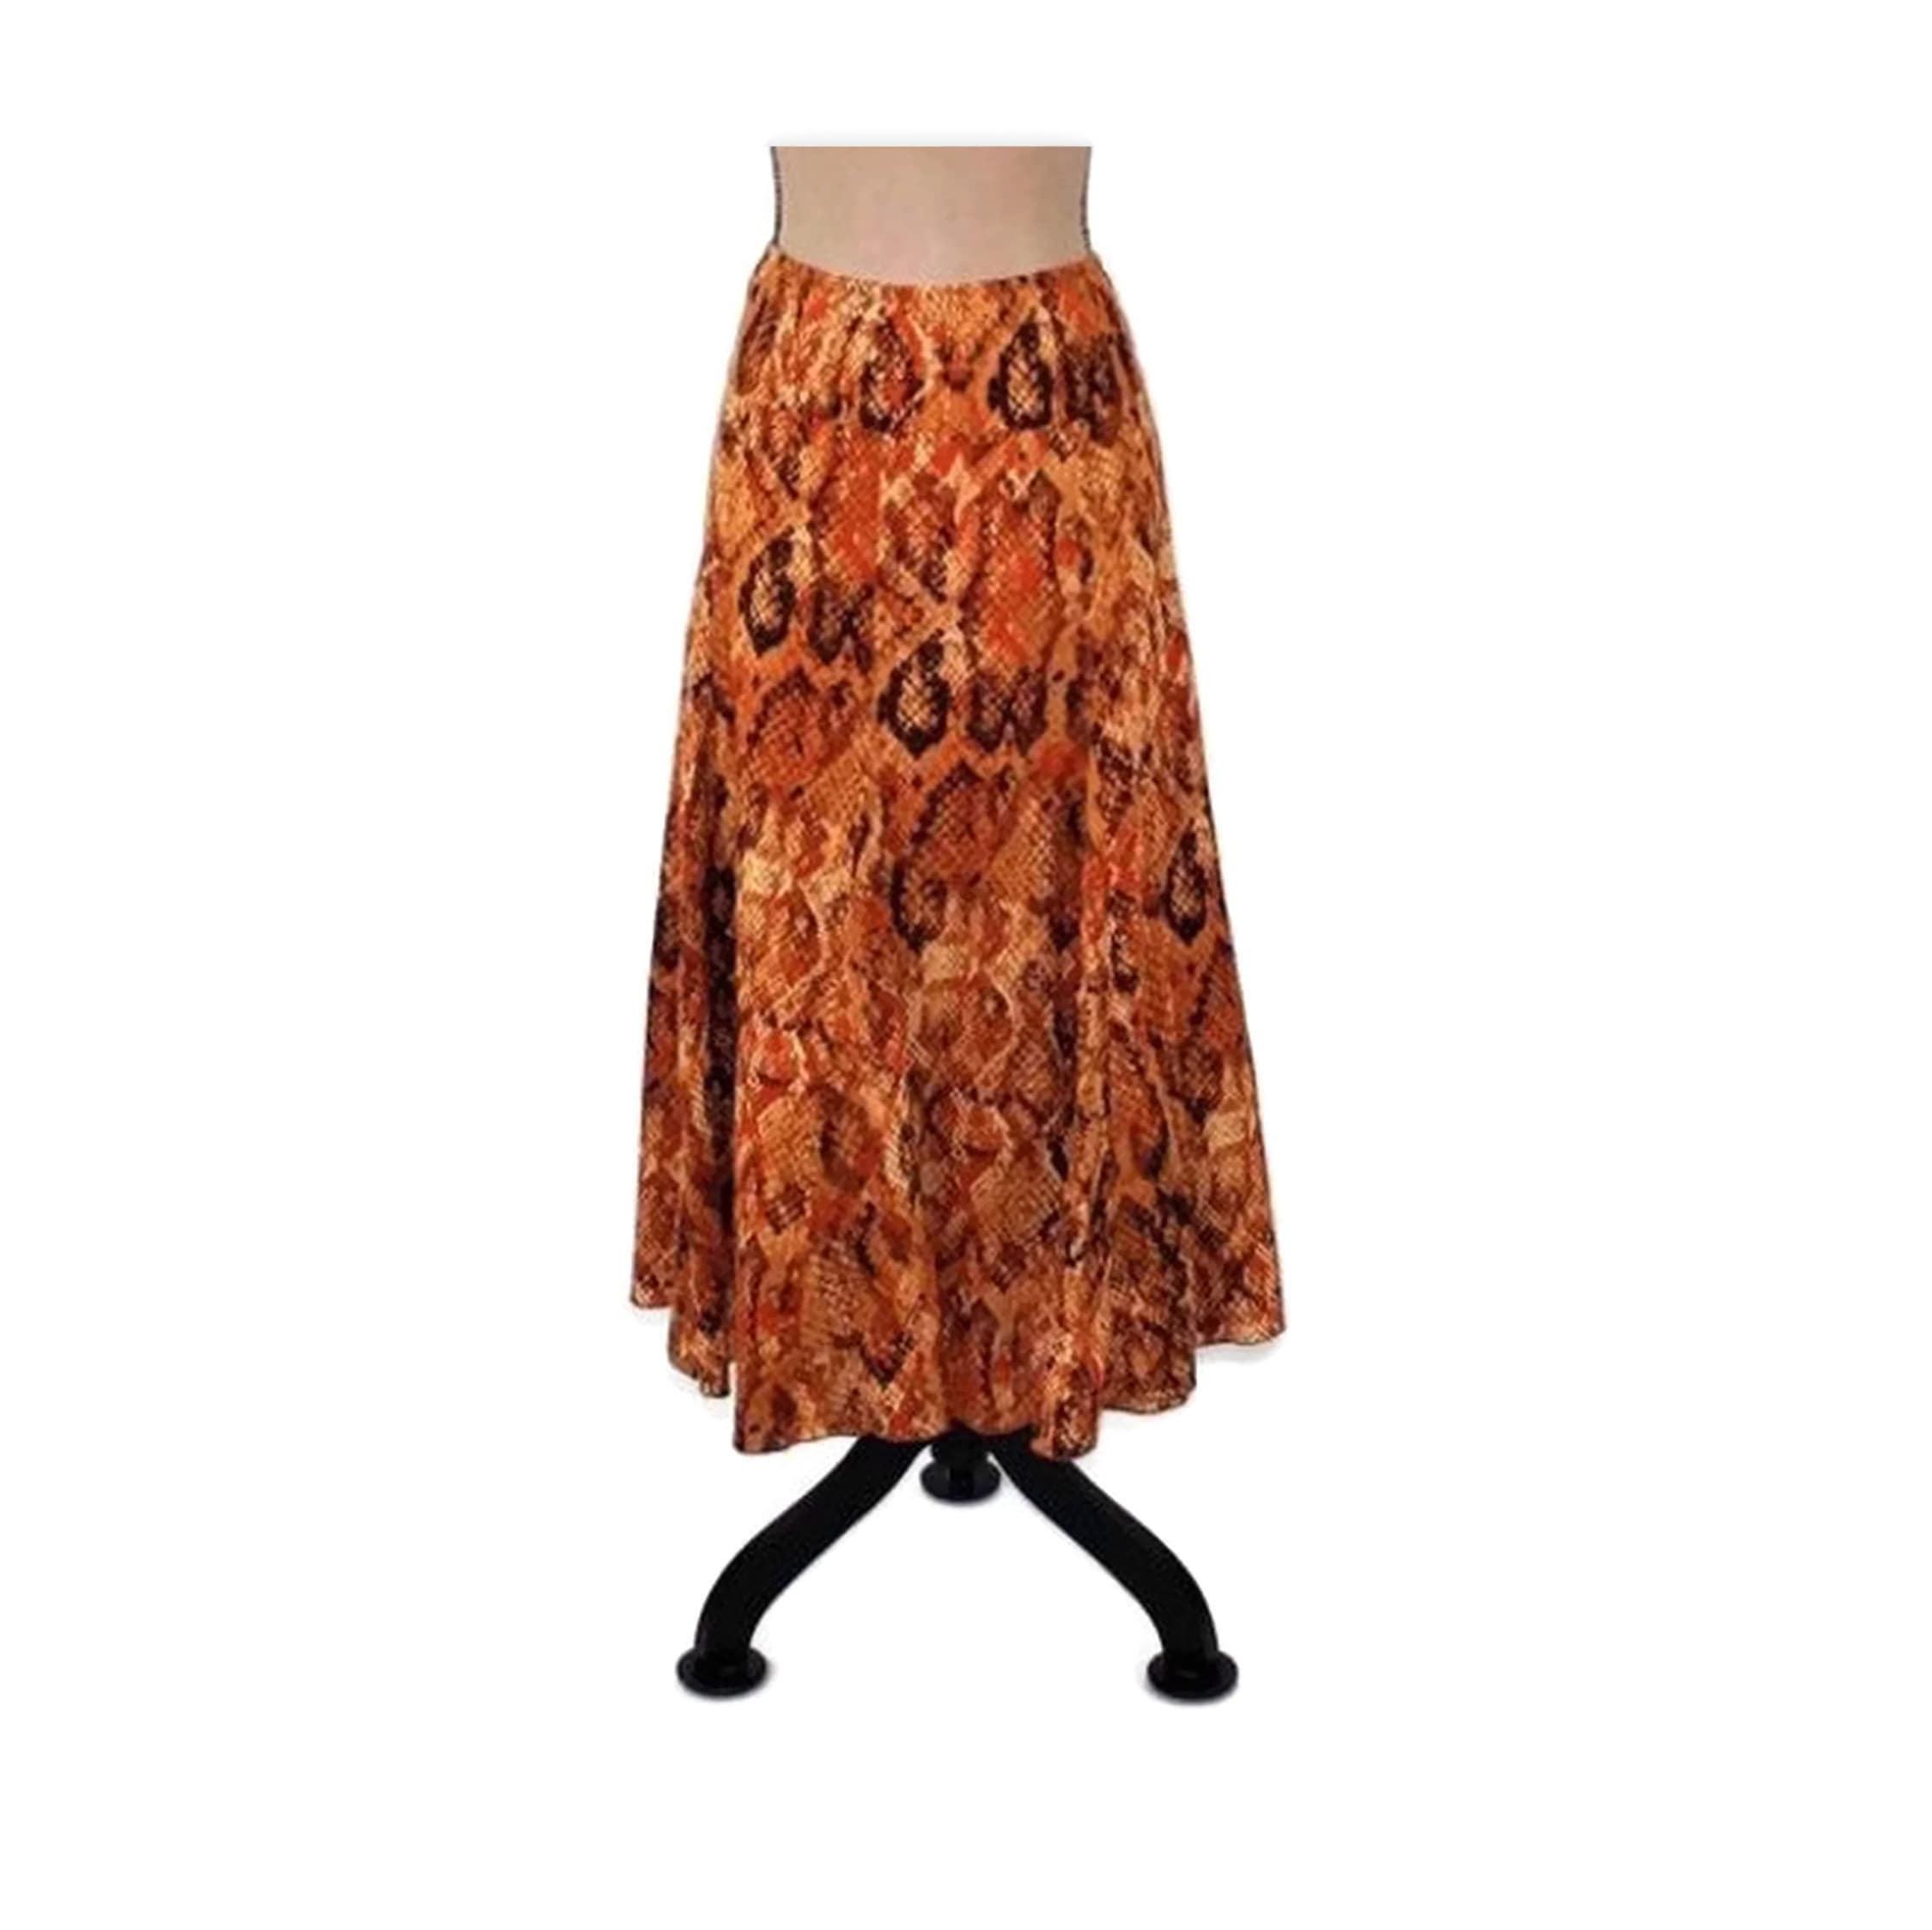 59d8822b5bf Dress Barn Plus Size Maxi Skirts